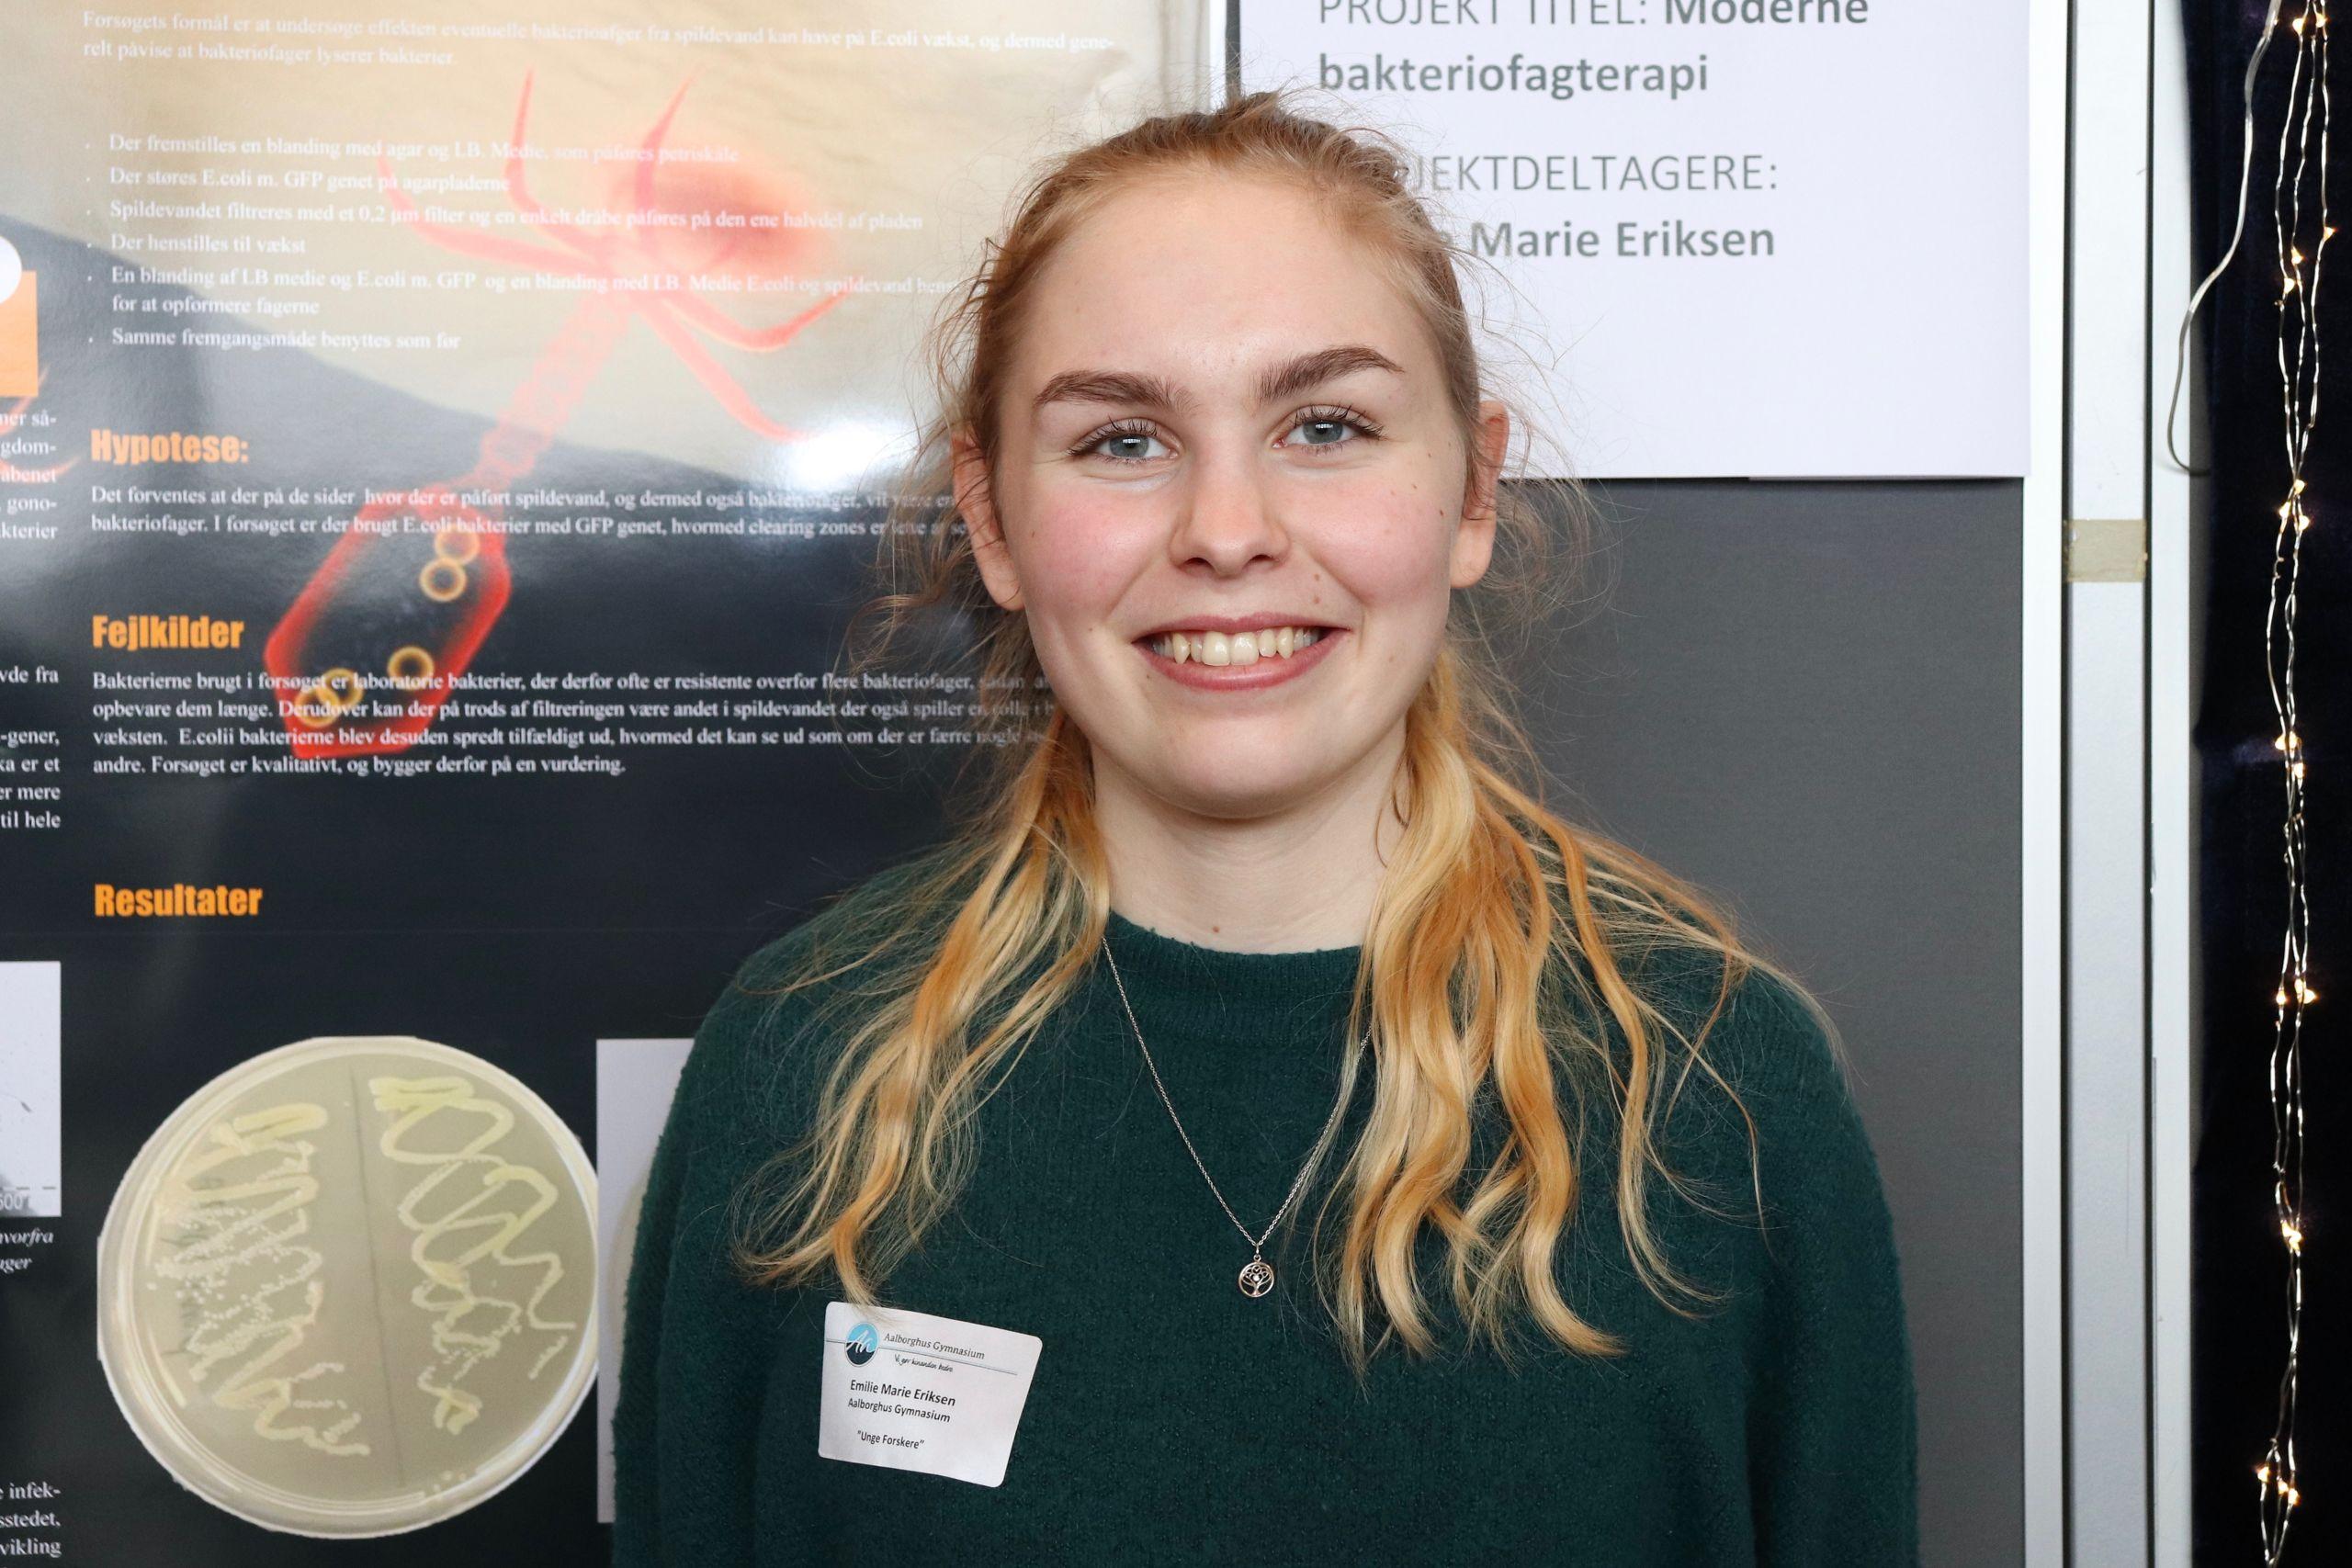 Ungt aalborg-talent i forskerfinale